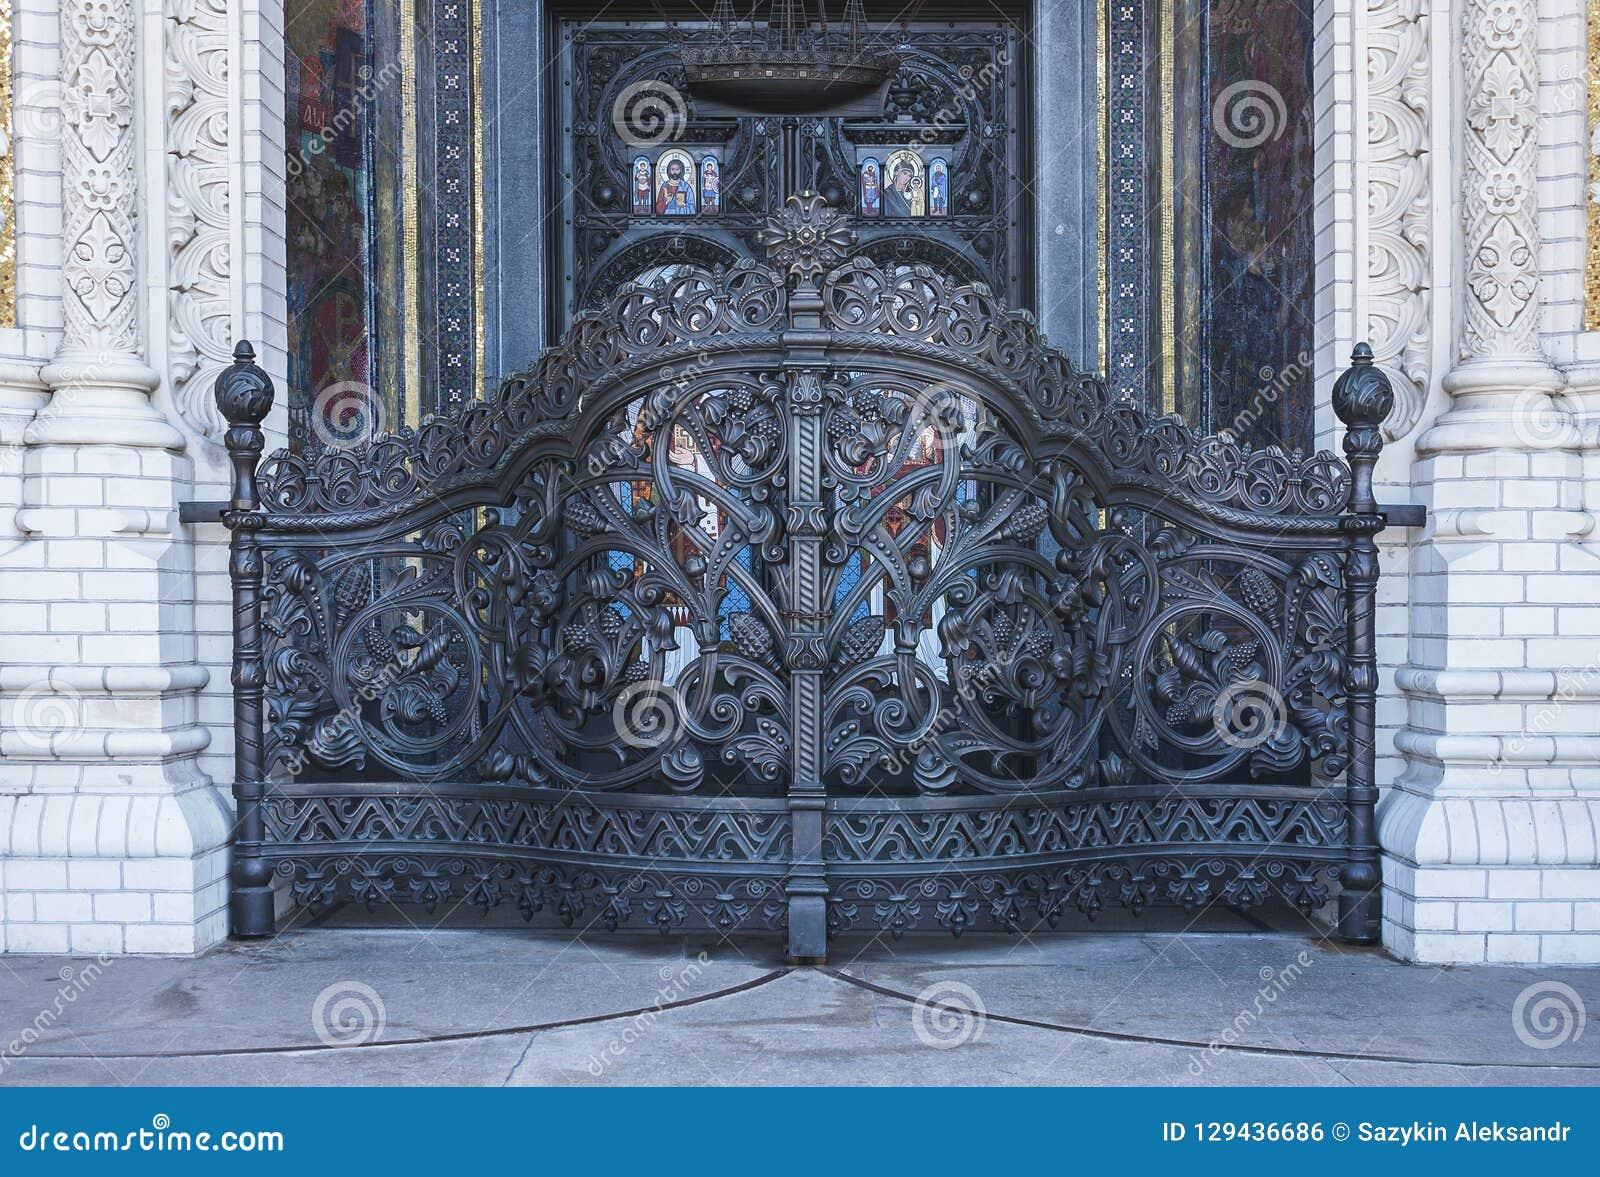 μπροστινό σπίτι εισόδων πορτών σχετικό ιερός suzdal πυλών Στην είσοδο στον καθεδρικό ναό του Άγιου Βασίλη Kronshtadt Άγιος-Πετρού